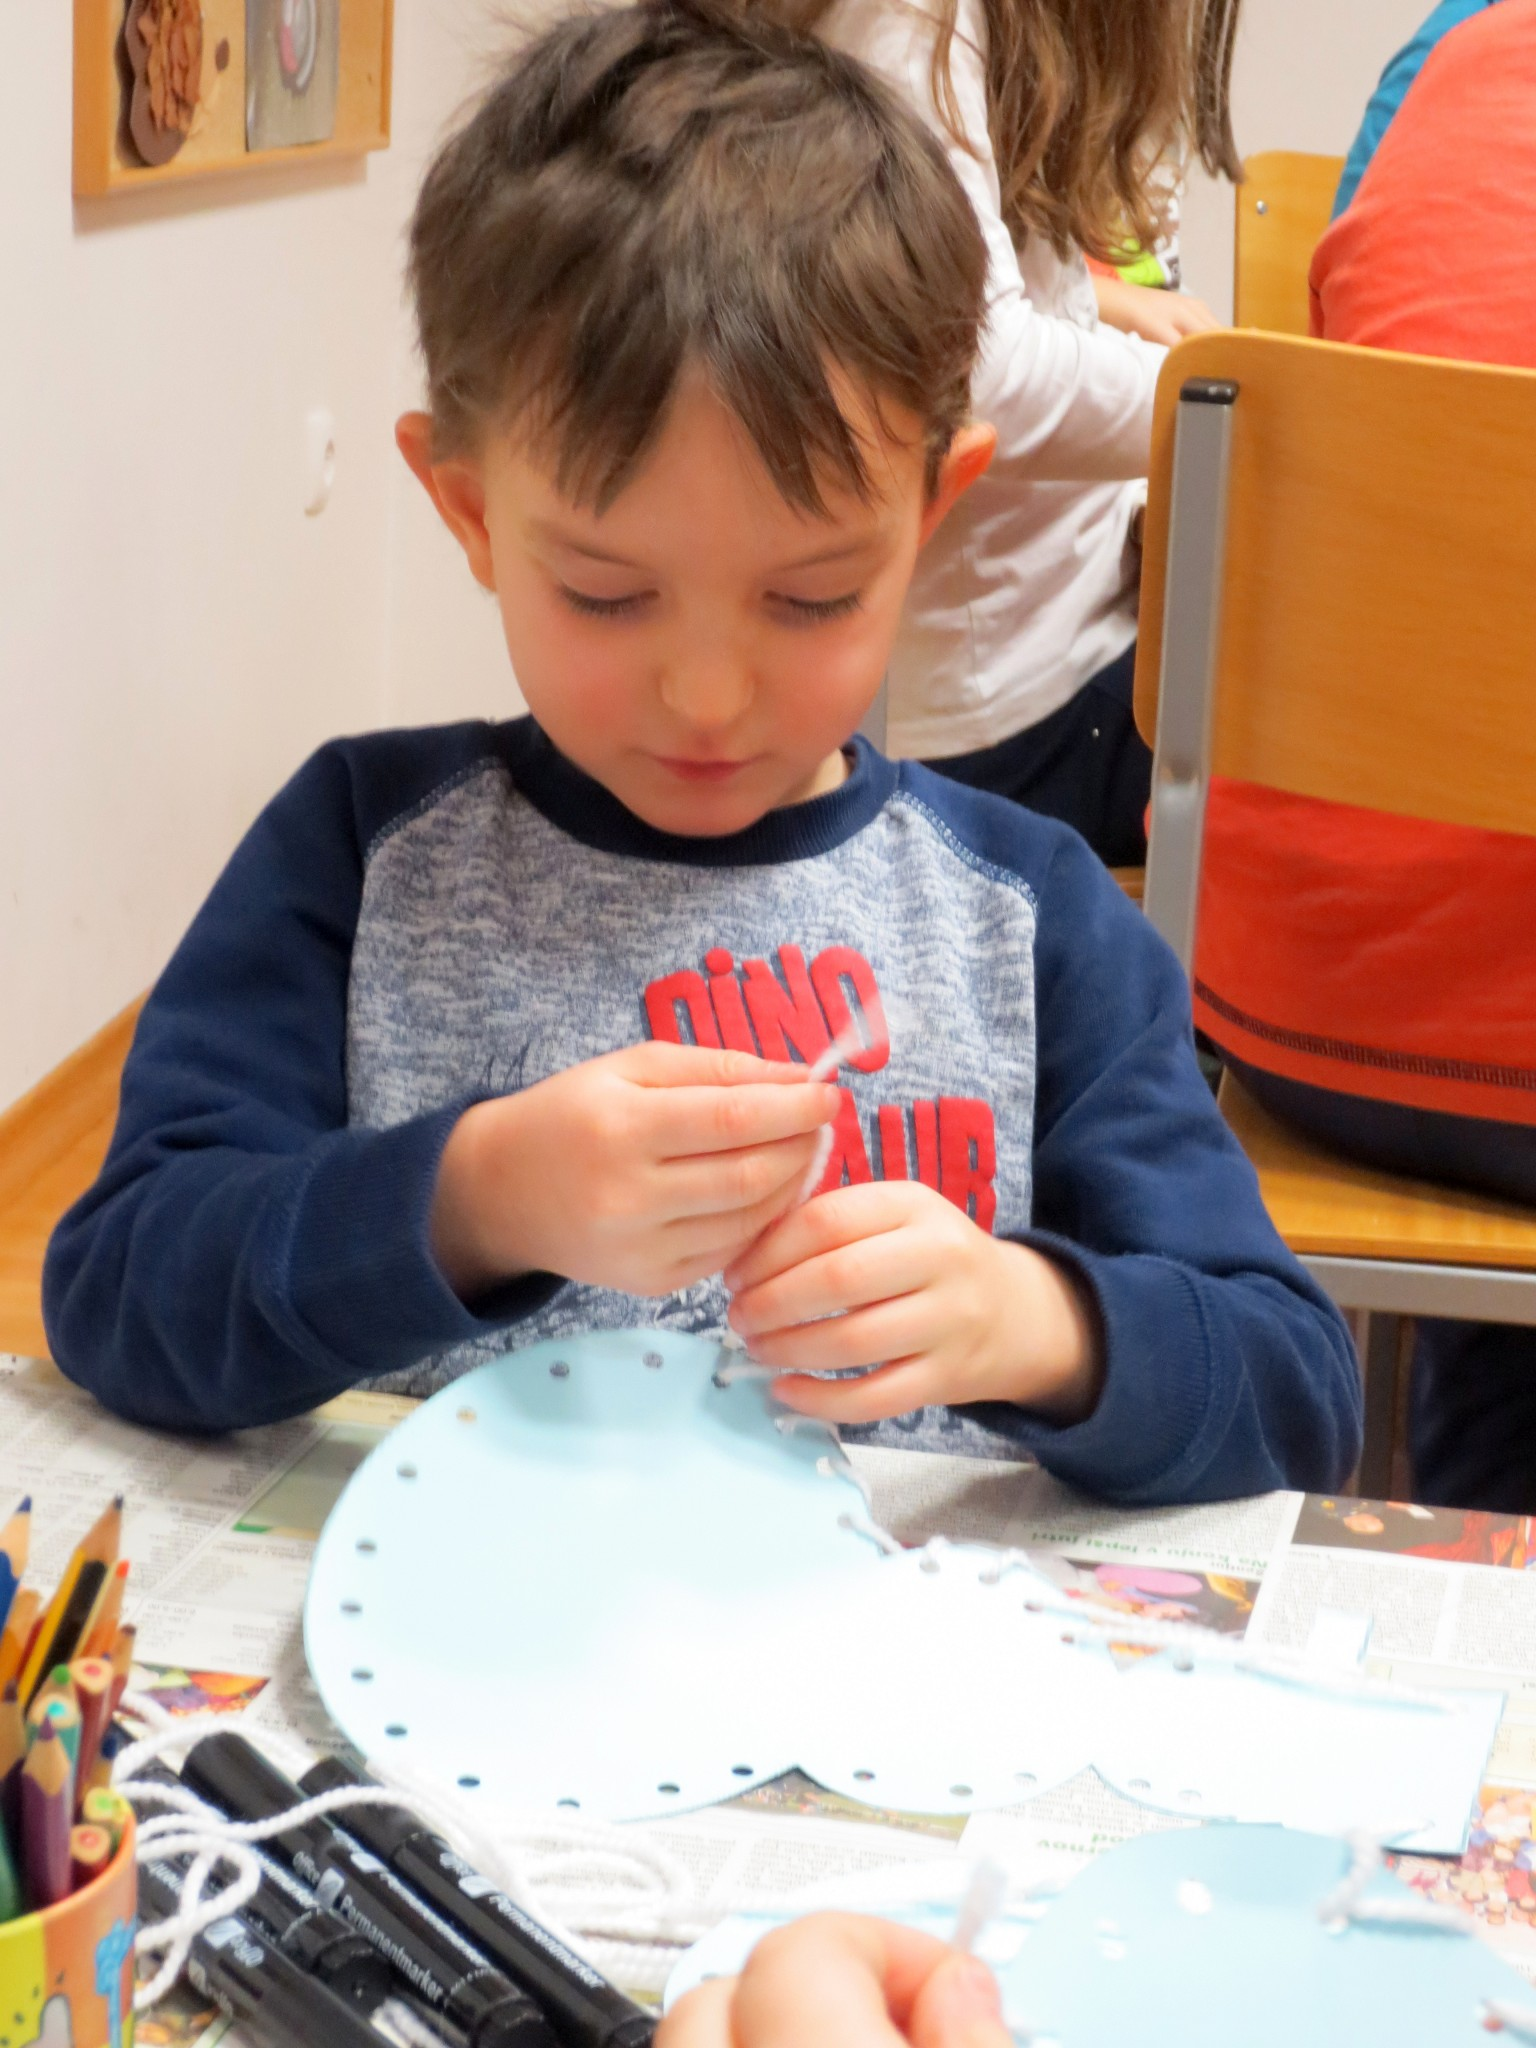 IMG 3388 - Pravljična ura in ustvarjalna delavnica za otroke od 4. leta dalje